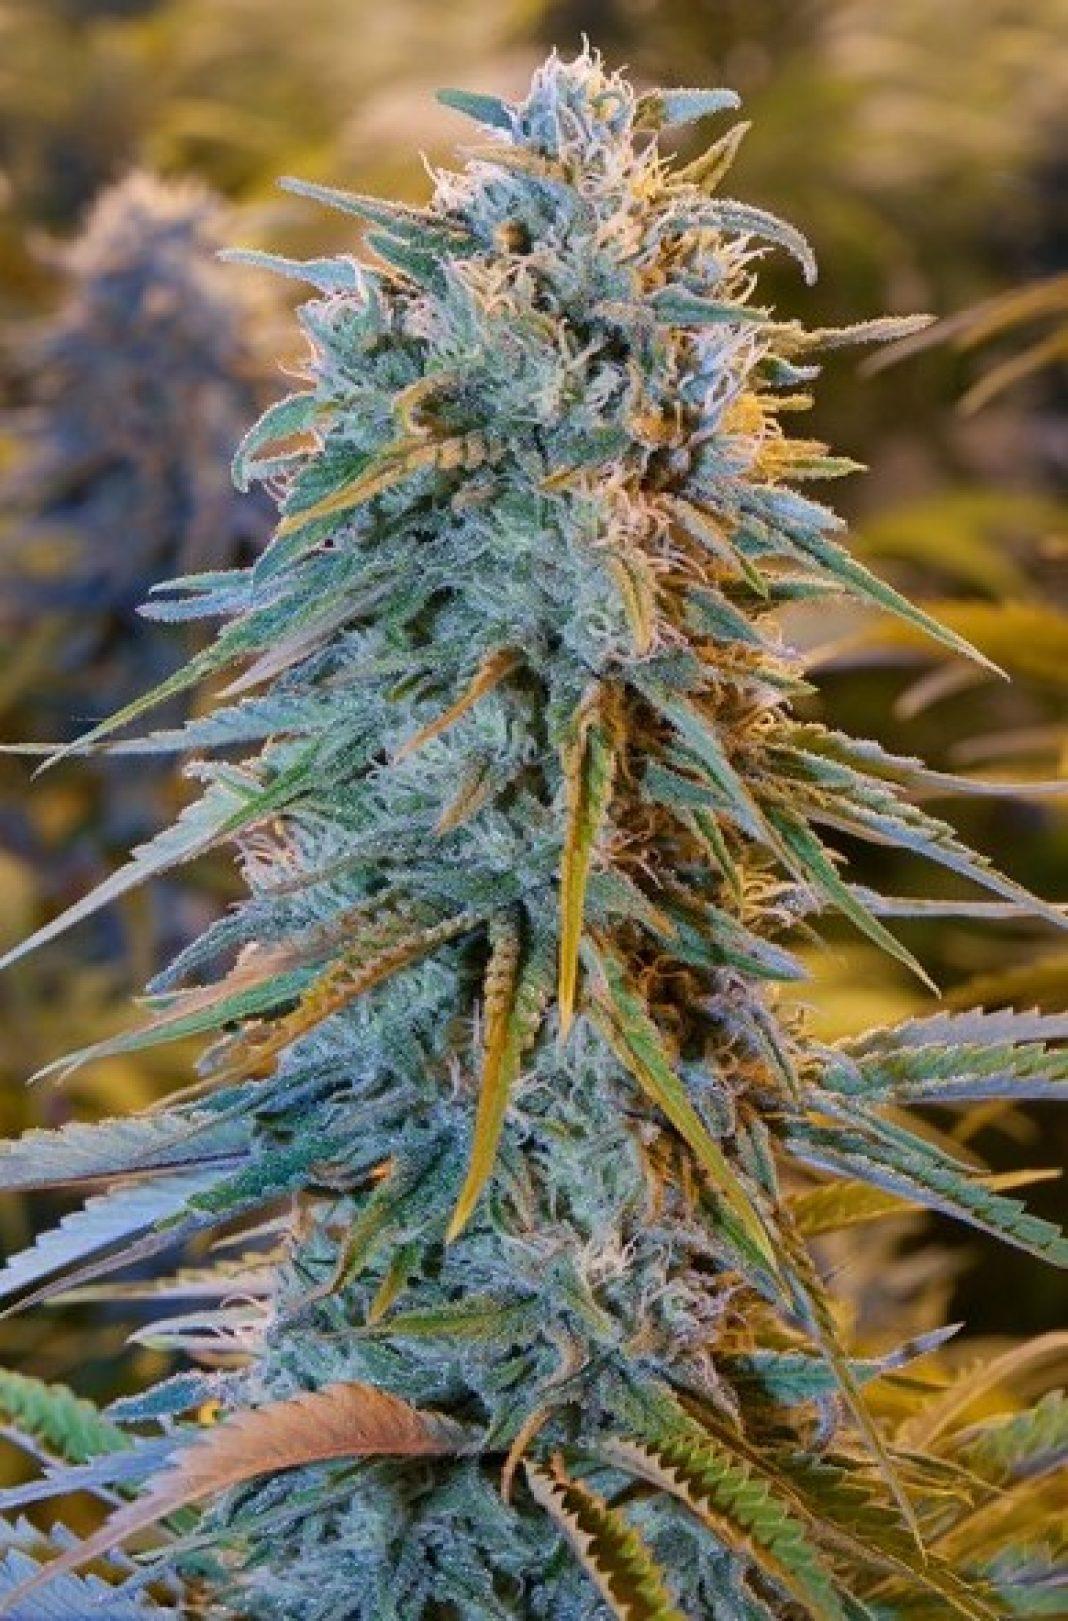 Swoje korzenie ma w słonecznej Kalifornii. Zarówno tam, jak i w całych Stanach Zjednoczonych, a później na świecie stała się bardzo szybko popularna. To zasługa obfitych plonów Blue Dream, jak również łatwości w uprawie tej odmiany marihuany. Więcej o jej pochodzeniu i hodowli dowiecie się z tego artykułu.